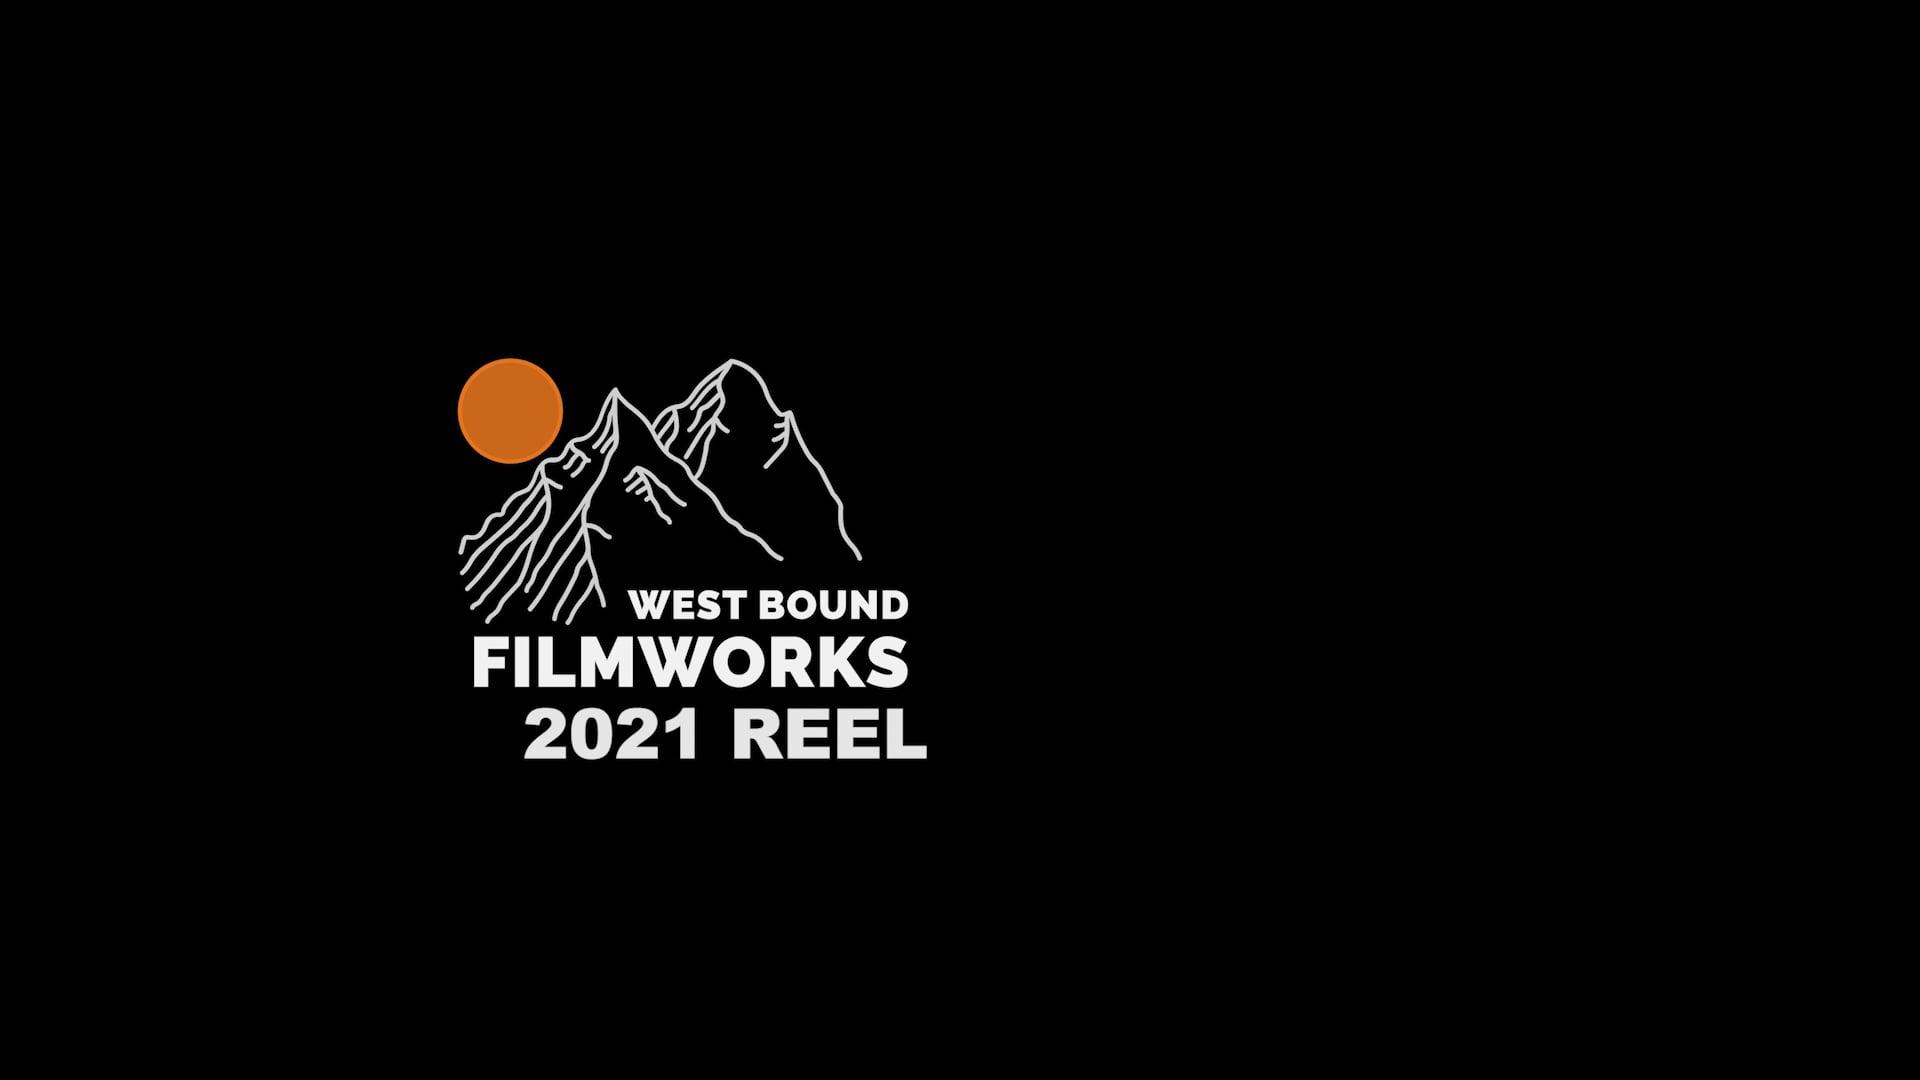 2021 West Bound Filmworks Reel - Final